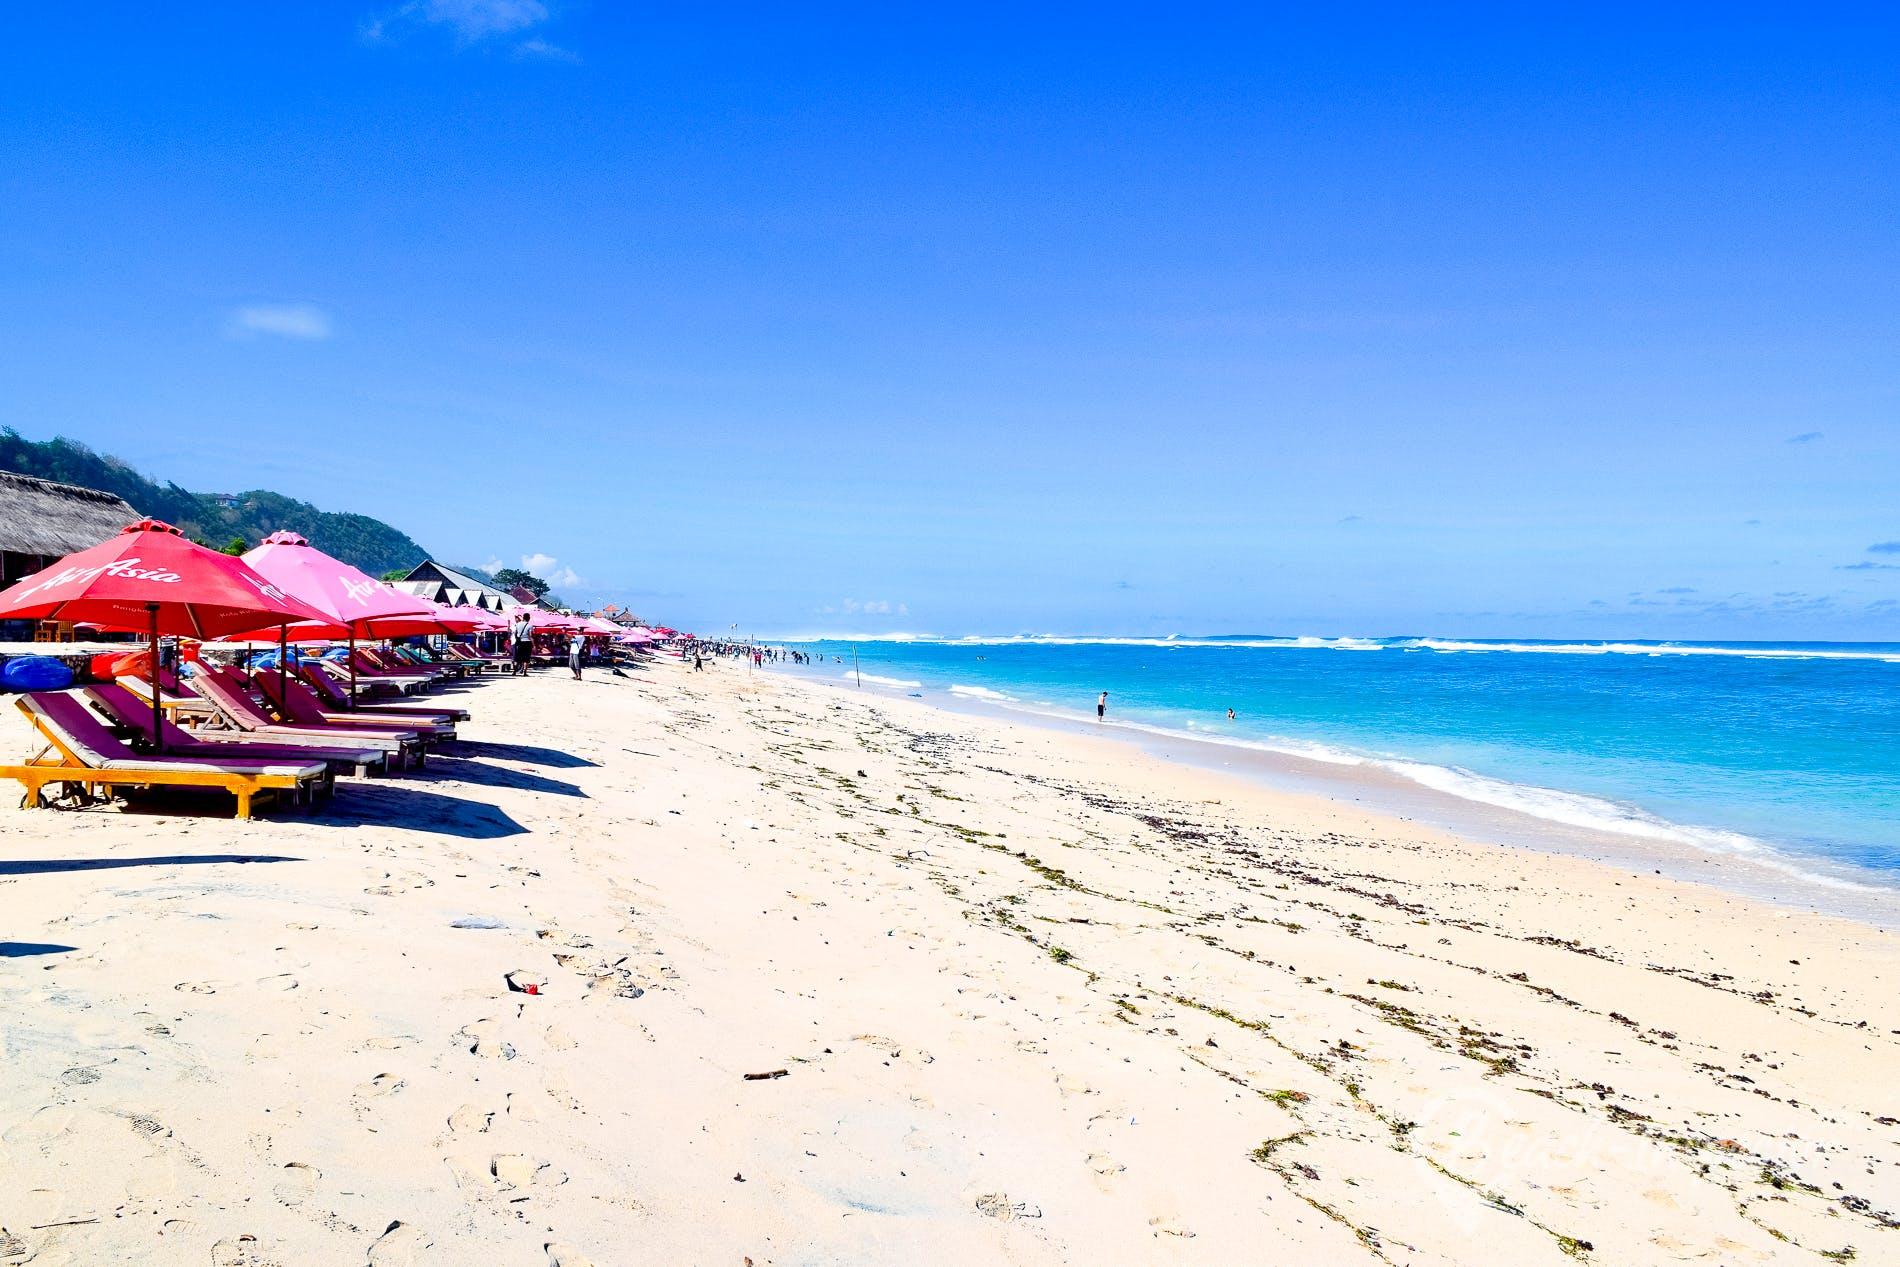 Playa Pandawa Beach, Bali, Indonesia